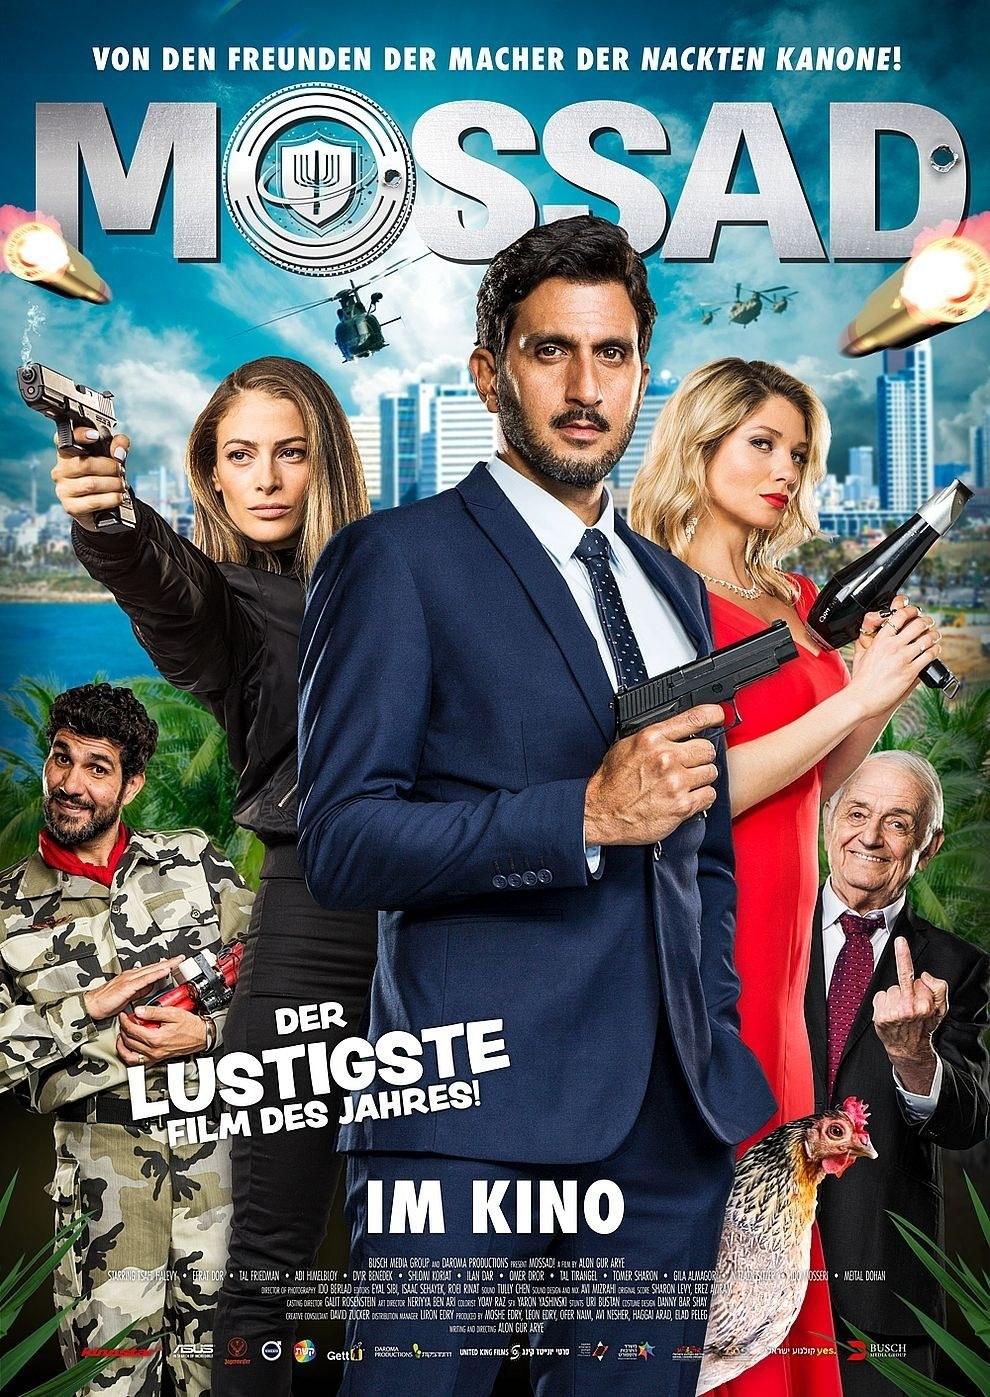 Cinestar Wismar Preise